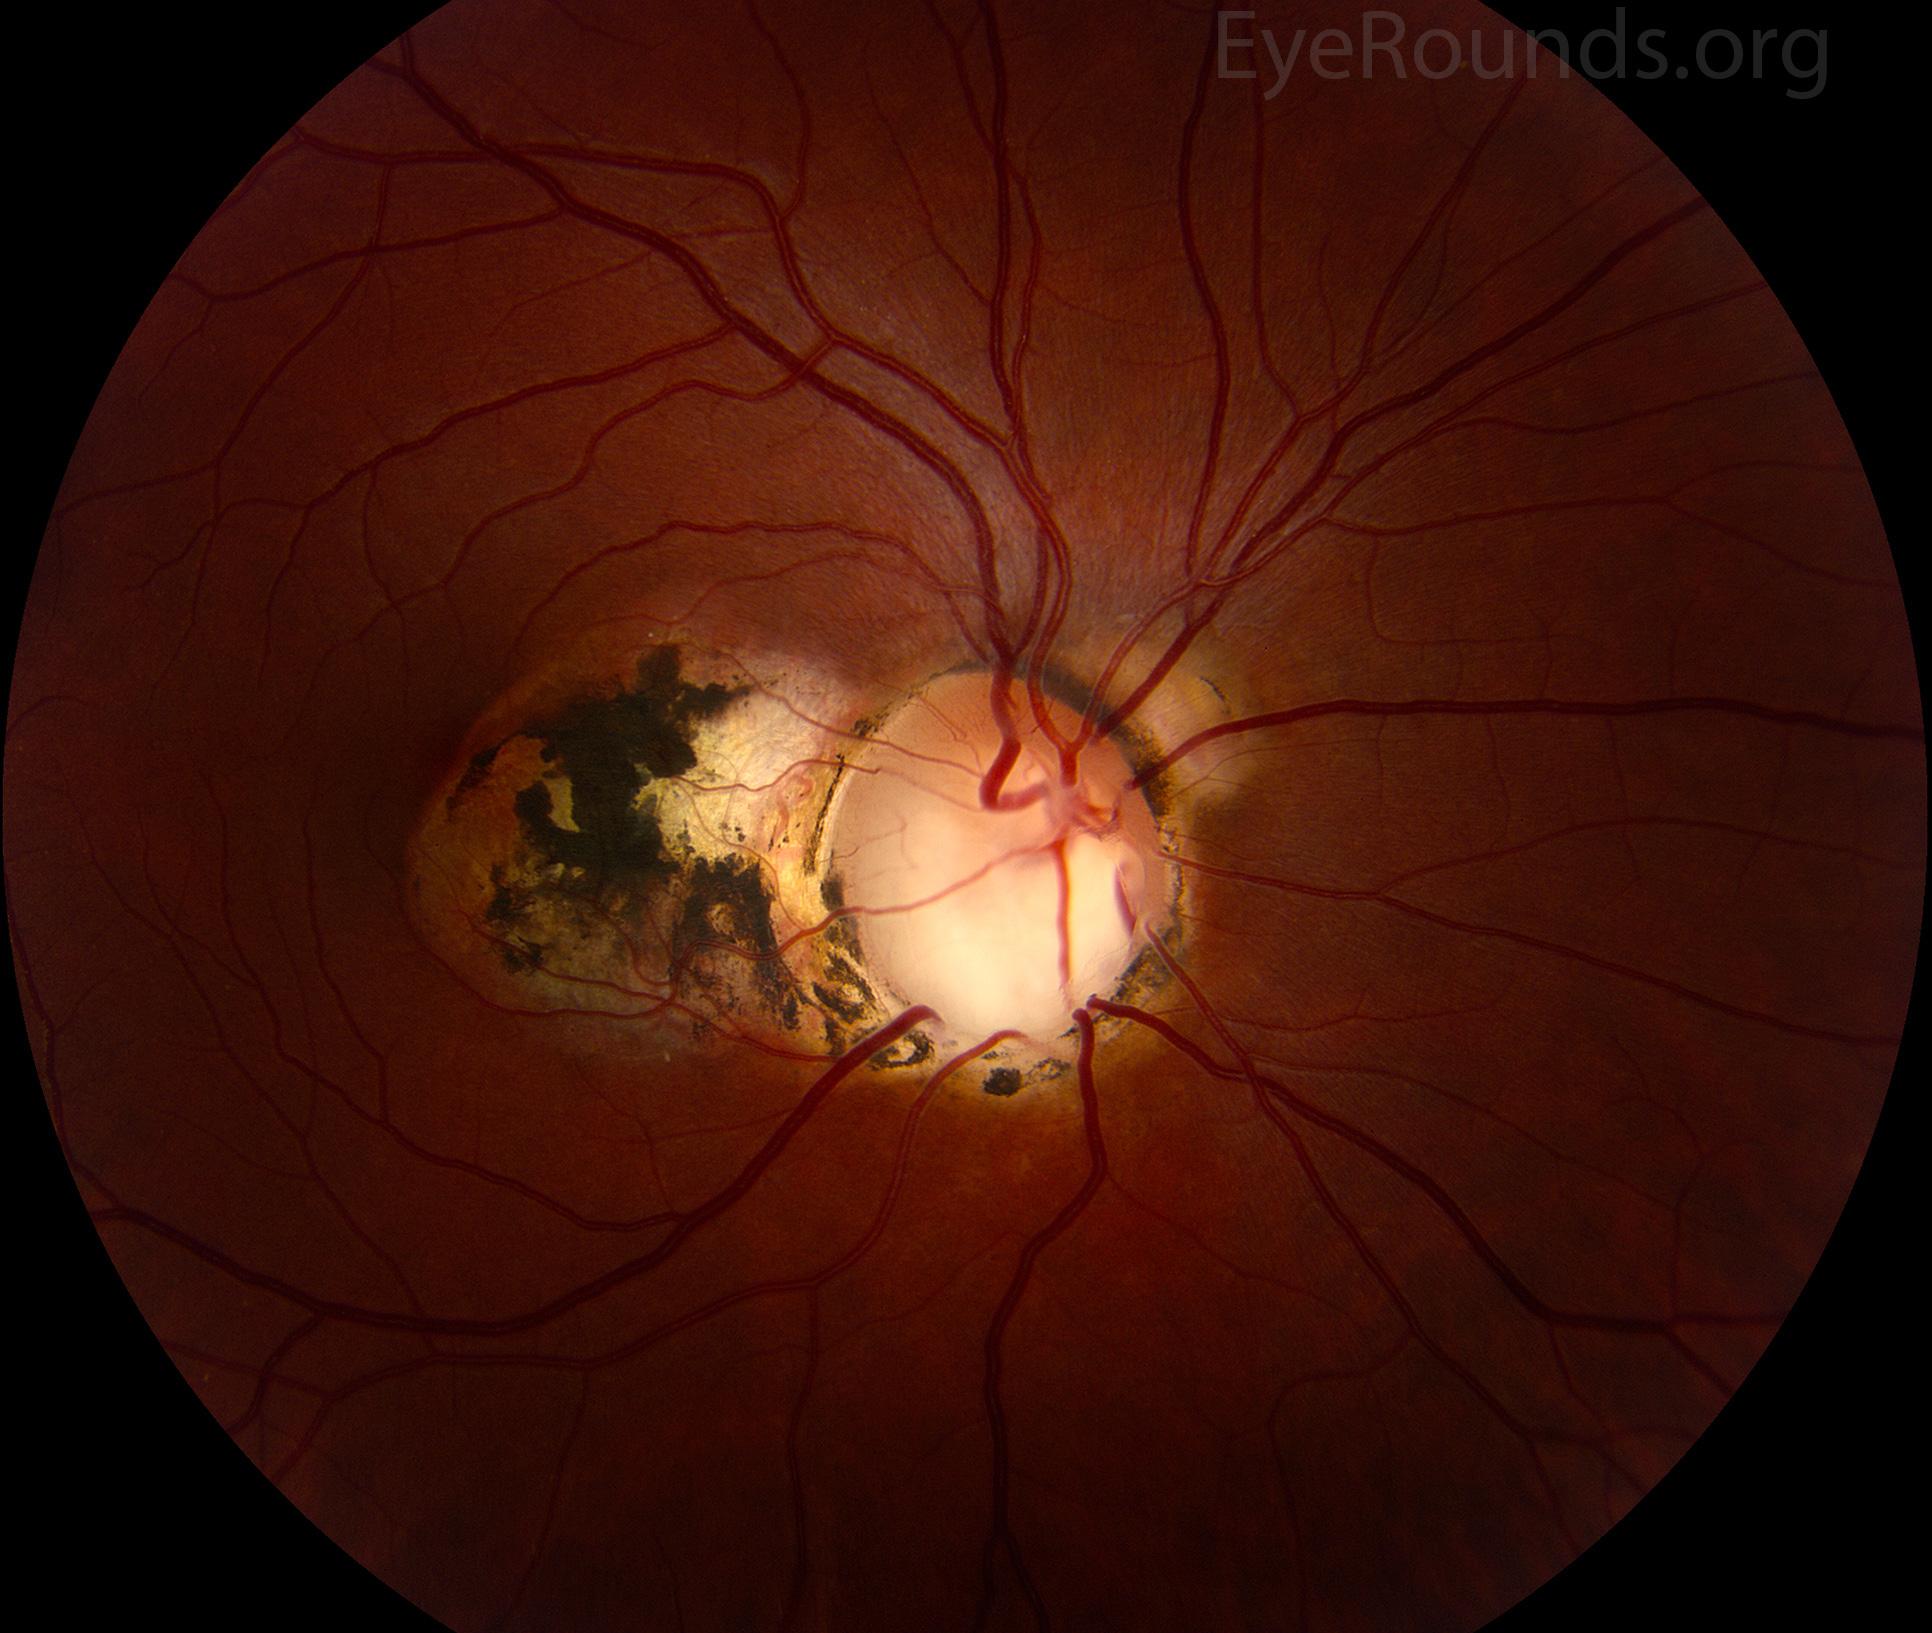 optic nerve coloboma with peripapillary choroidal